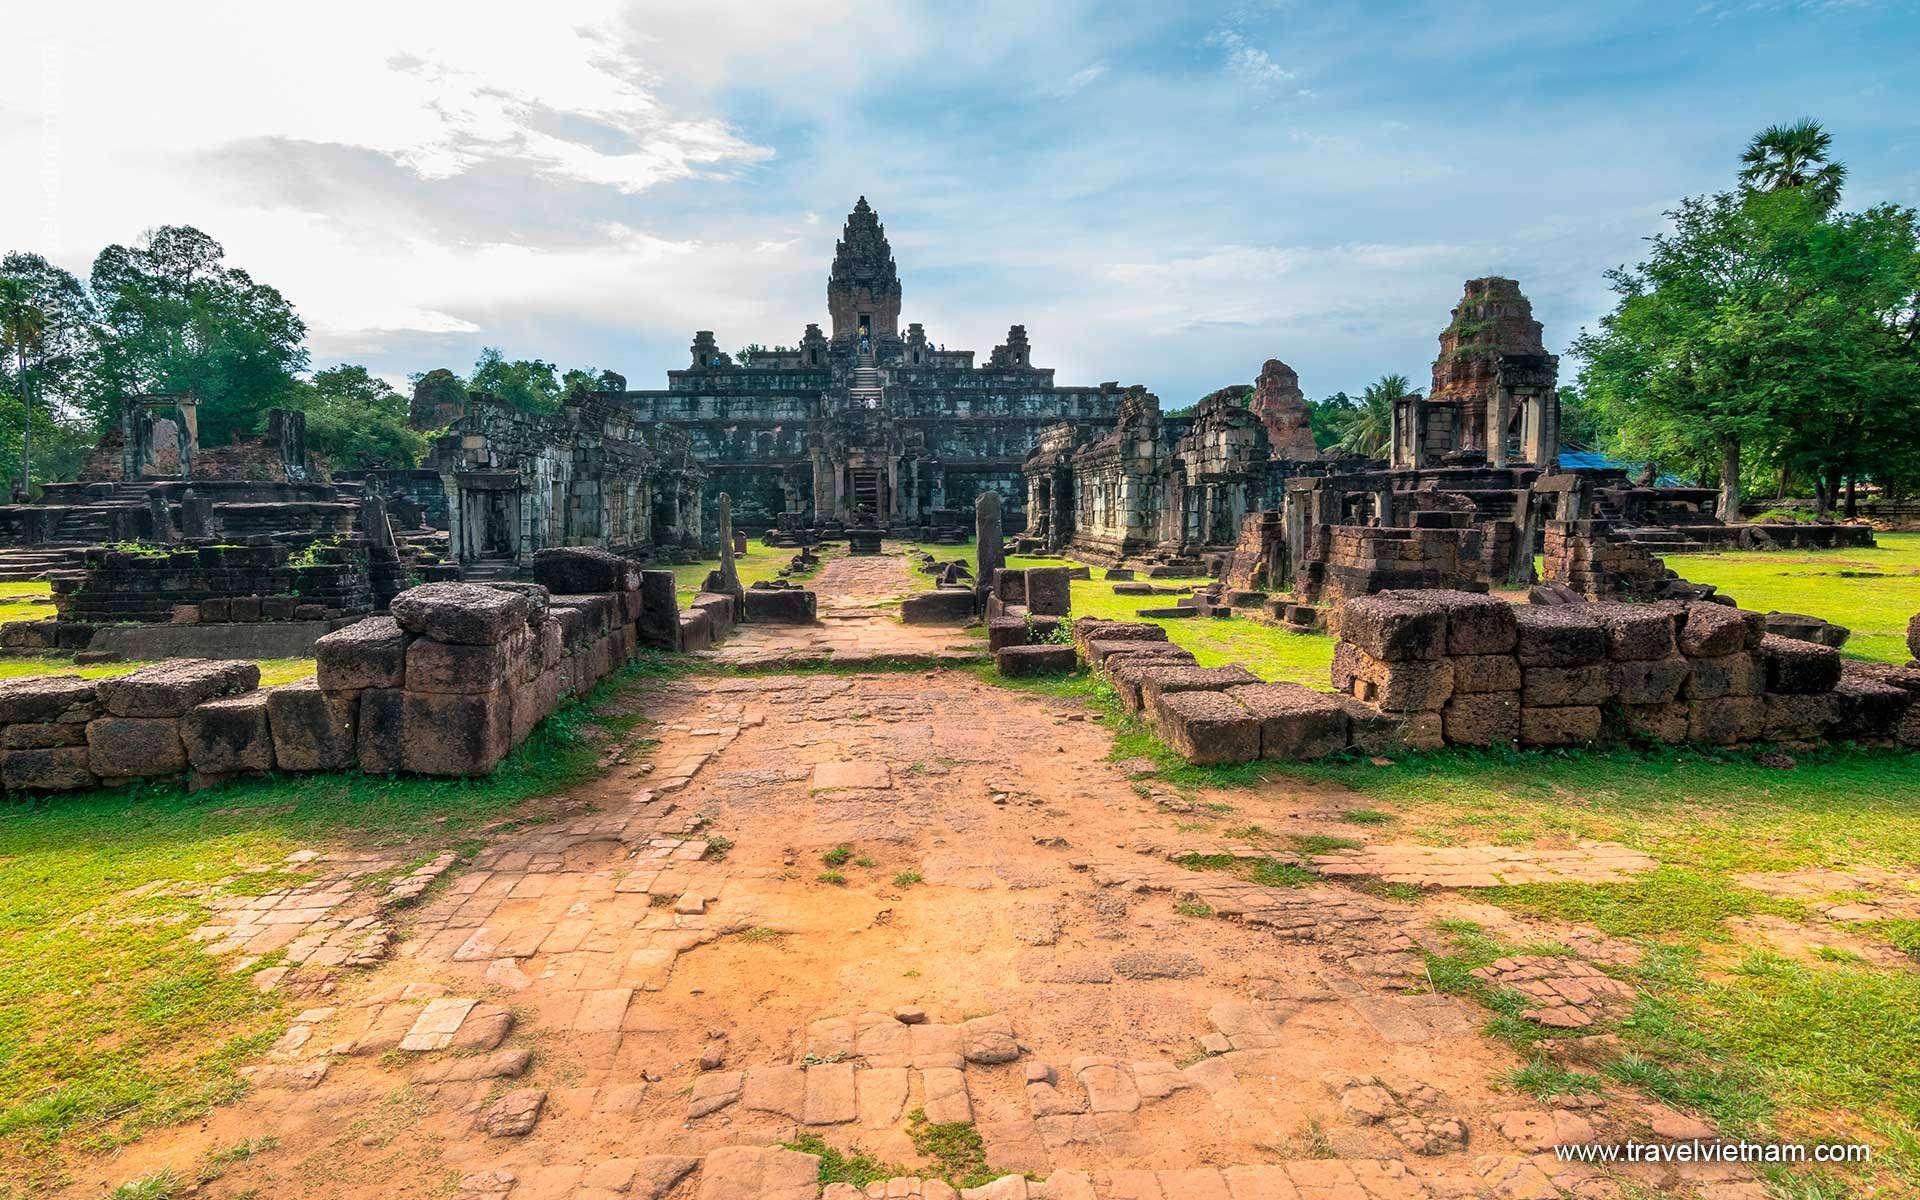 From Halong Bay to Angkor Wat